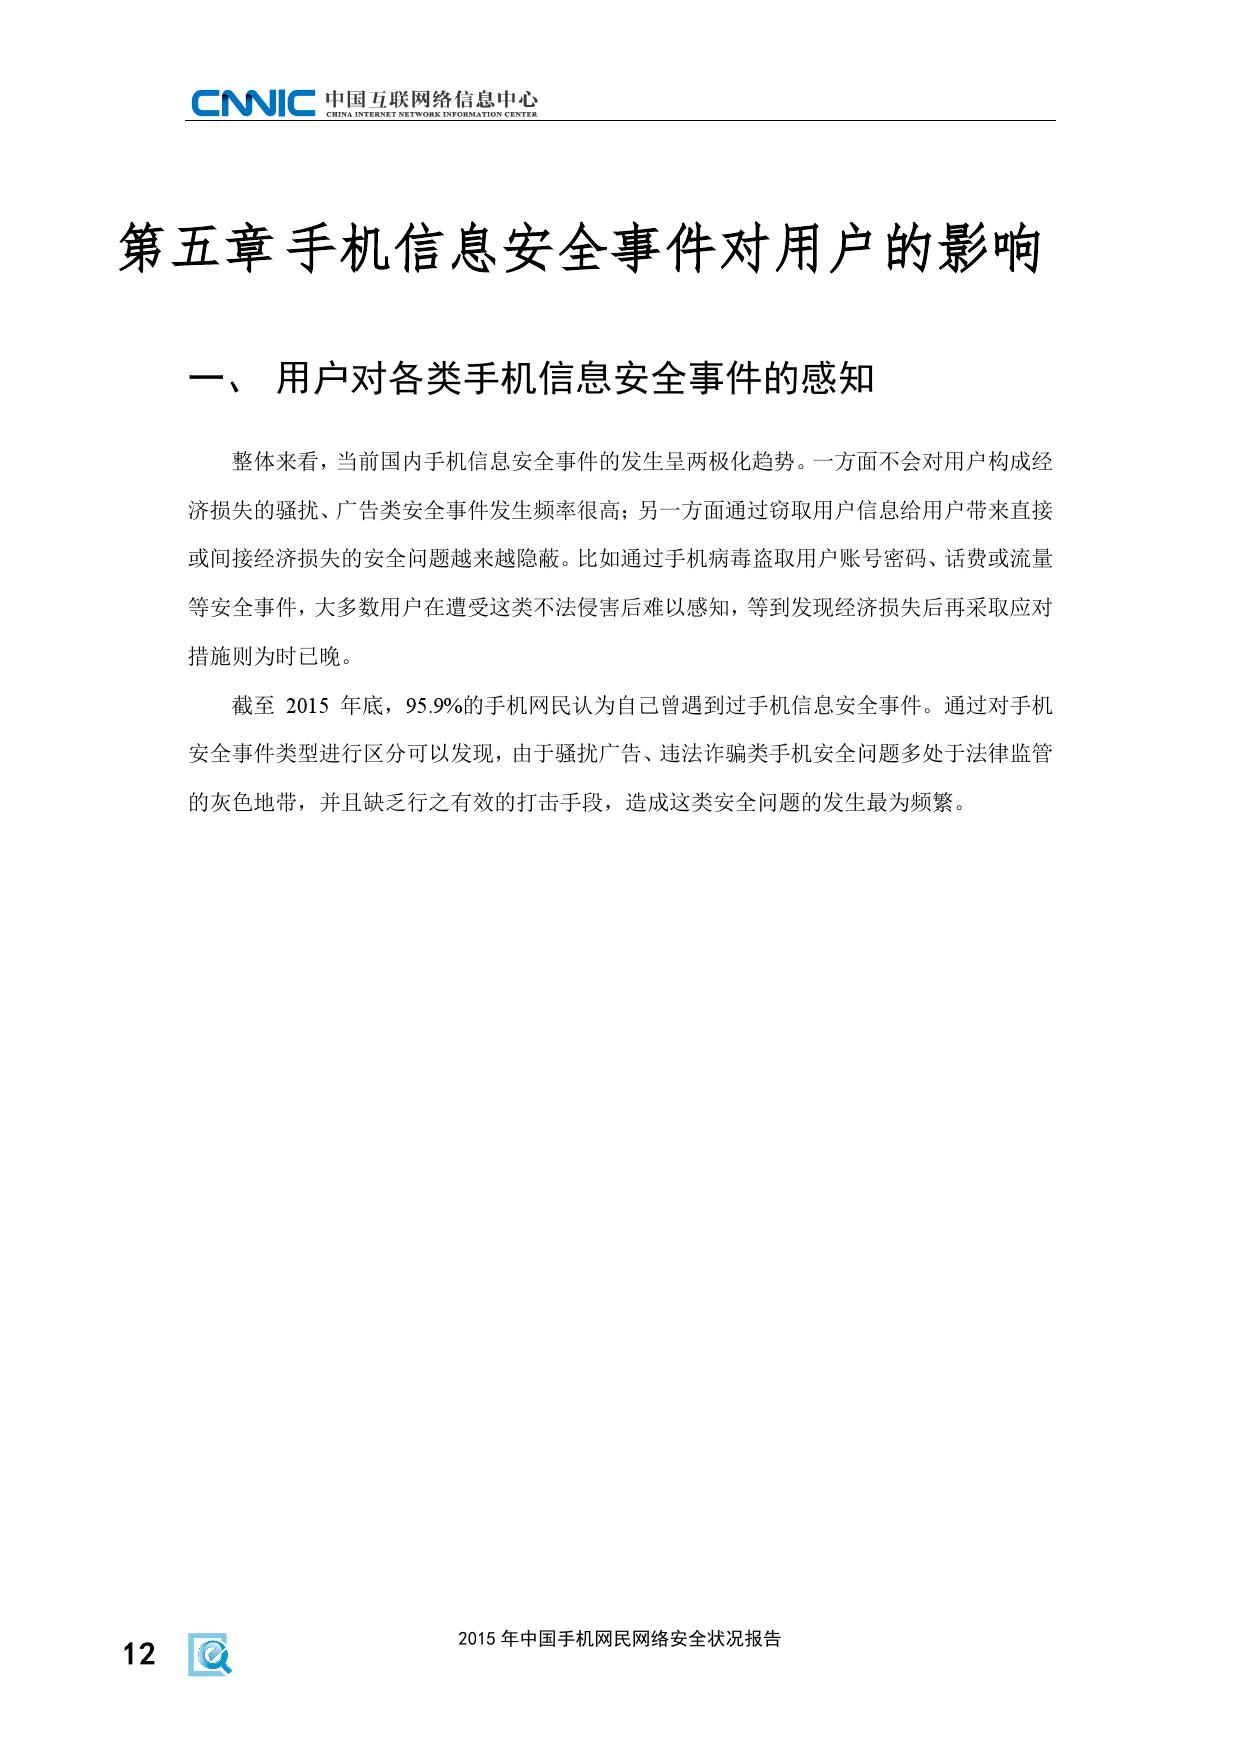 2015年中国手机网民网络安全状况报告_000018